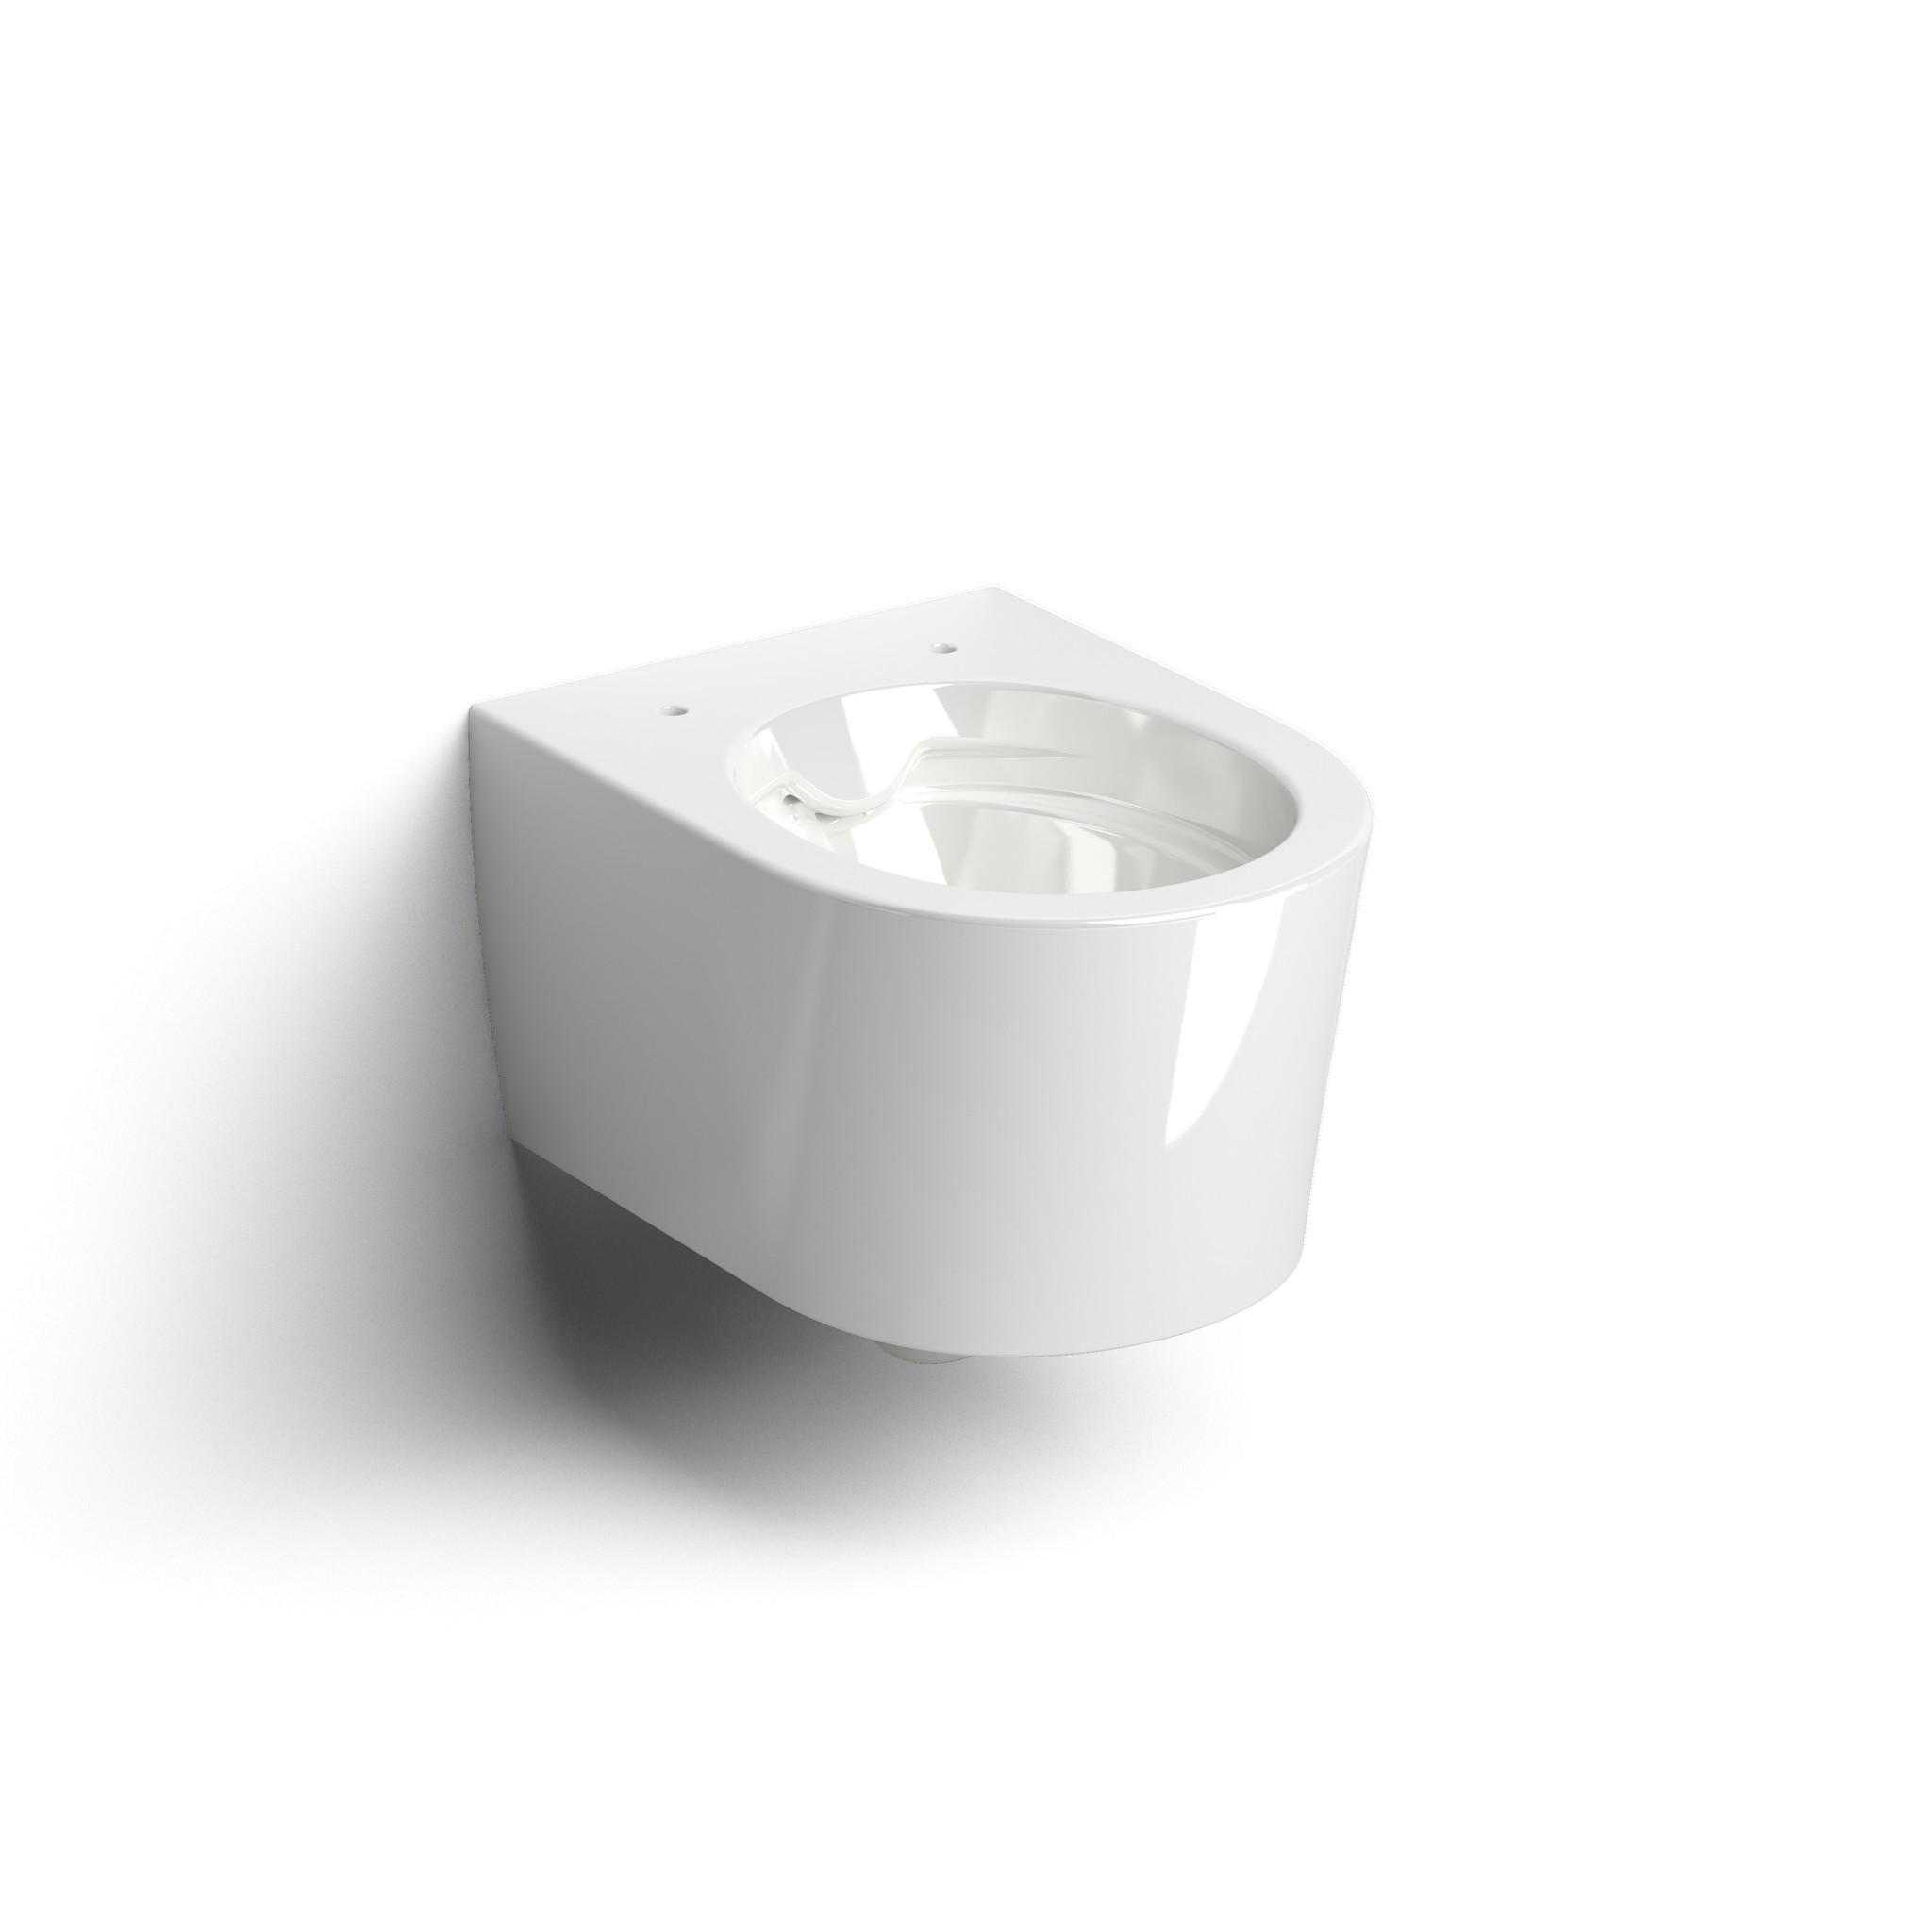 InBe toilette 48 cm, sans bord